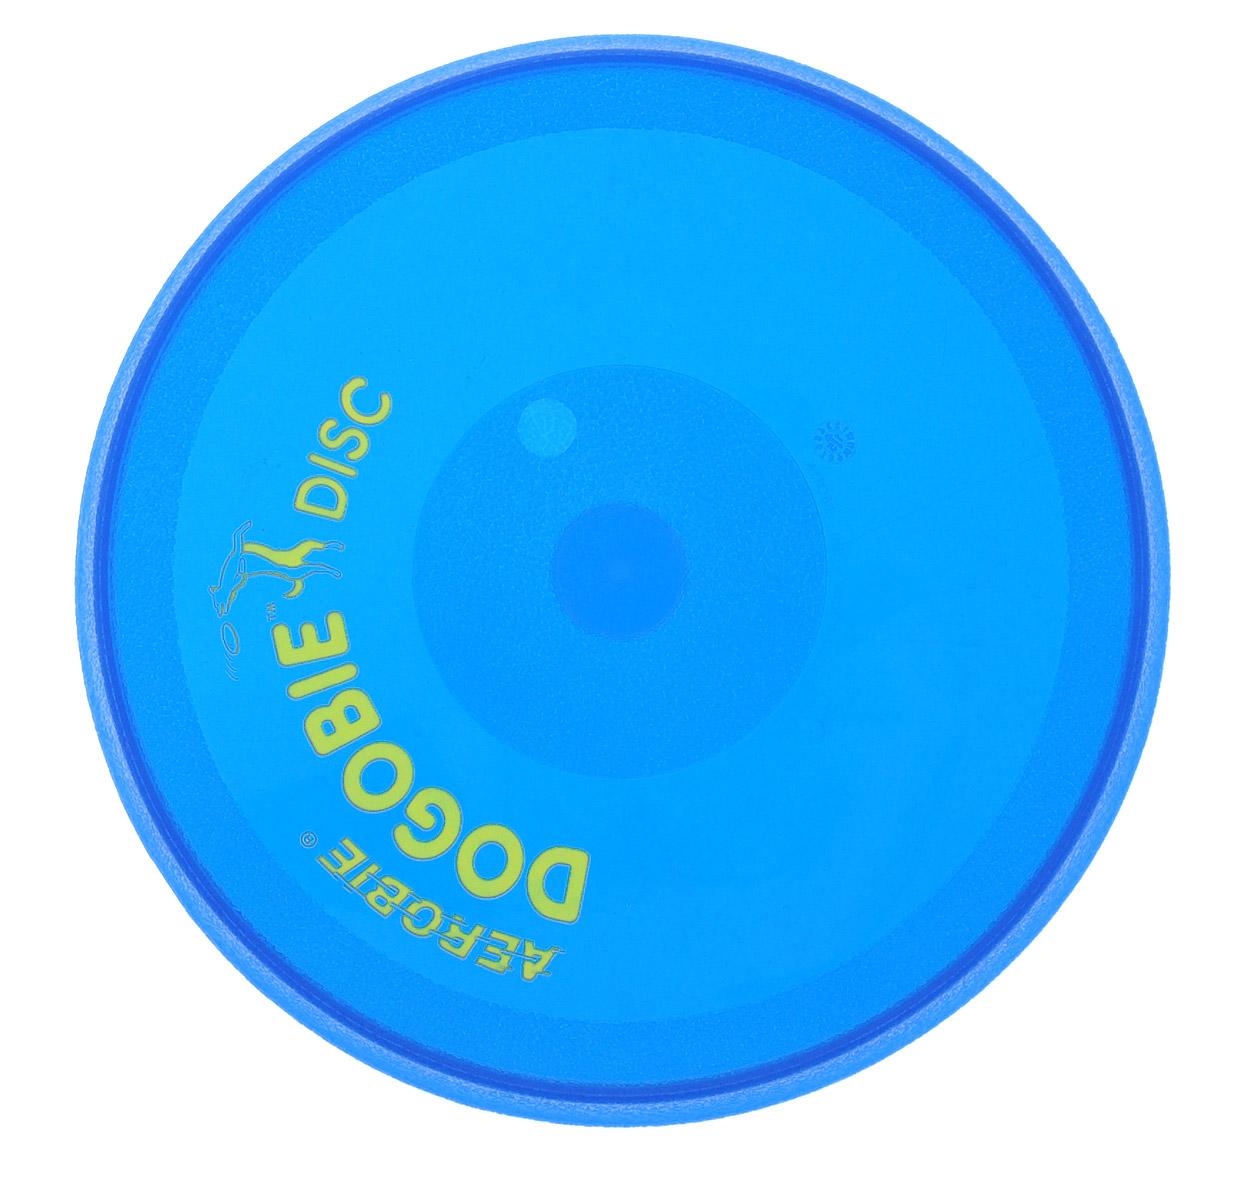 Aerobie Летающий диск Dogobie261Диски Dogobie специально разработаны для ваших четвероногих любимцев. Теперь вы можете не волноваться за их зубы и десна. Материал, из которого созданы эти диски, легок, эластичен, но удивительно прочен. Его очень сложно прокусить или порвать. Кроме того, специалисты AEROBIE сумели сохранить летные качества присущие всем дискам данной фирмы. Его концы в форме спойлера позволят бросить диск на большую дистанцию и ребенку, и взрослому. Диск станет прекрасным дополнением к вашим прогулкам в парке или на пляже. Ярко желтый или насыщенно синий, а именно в этих двух цветах выполнен AEROBIE Dogobie Disc, диск никогда не утонет и не потеряется, а игра с диском доставит вам и вашему питомцу просто море удовольствия.